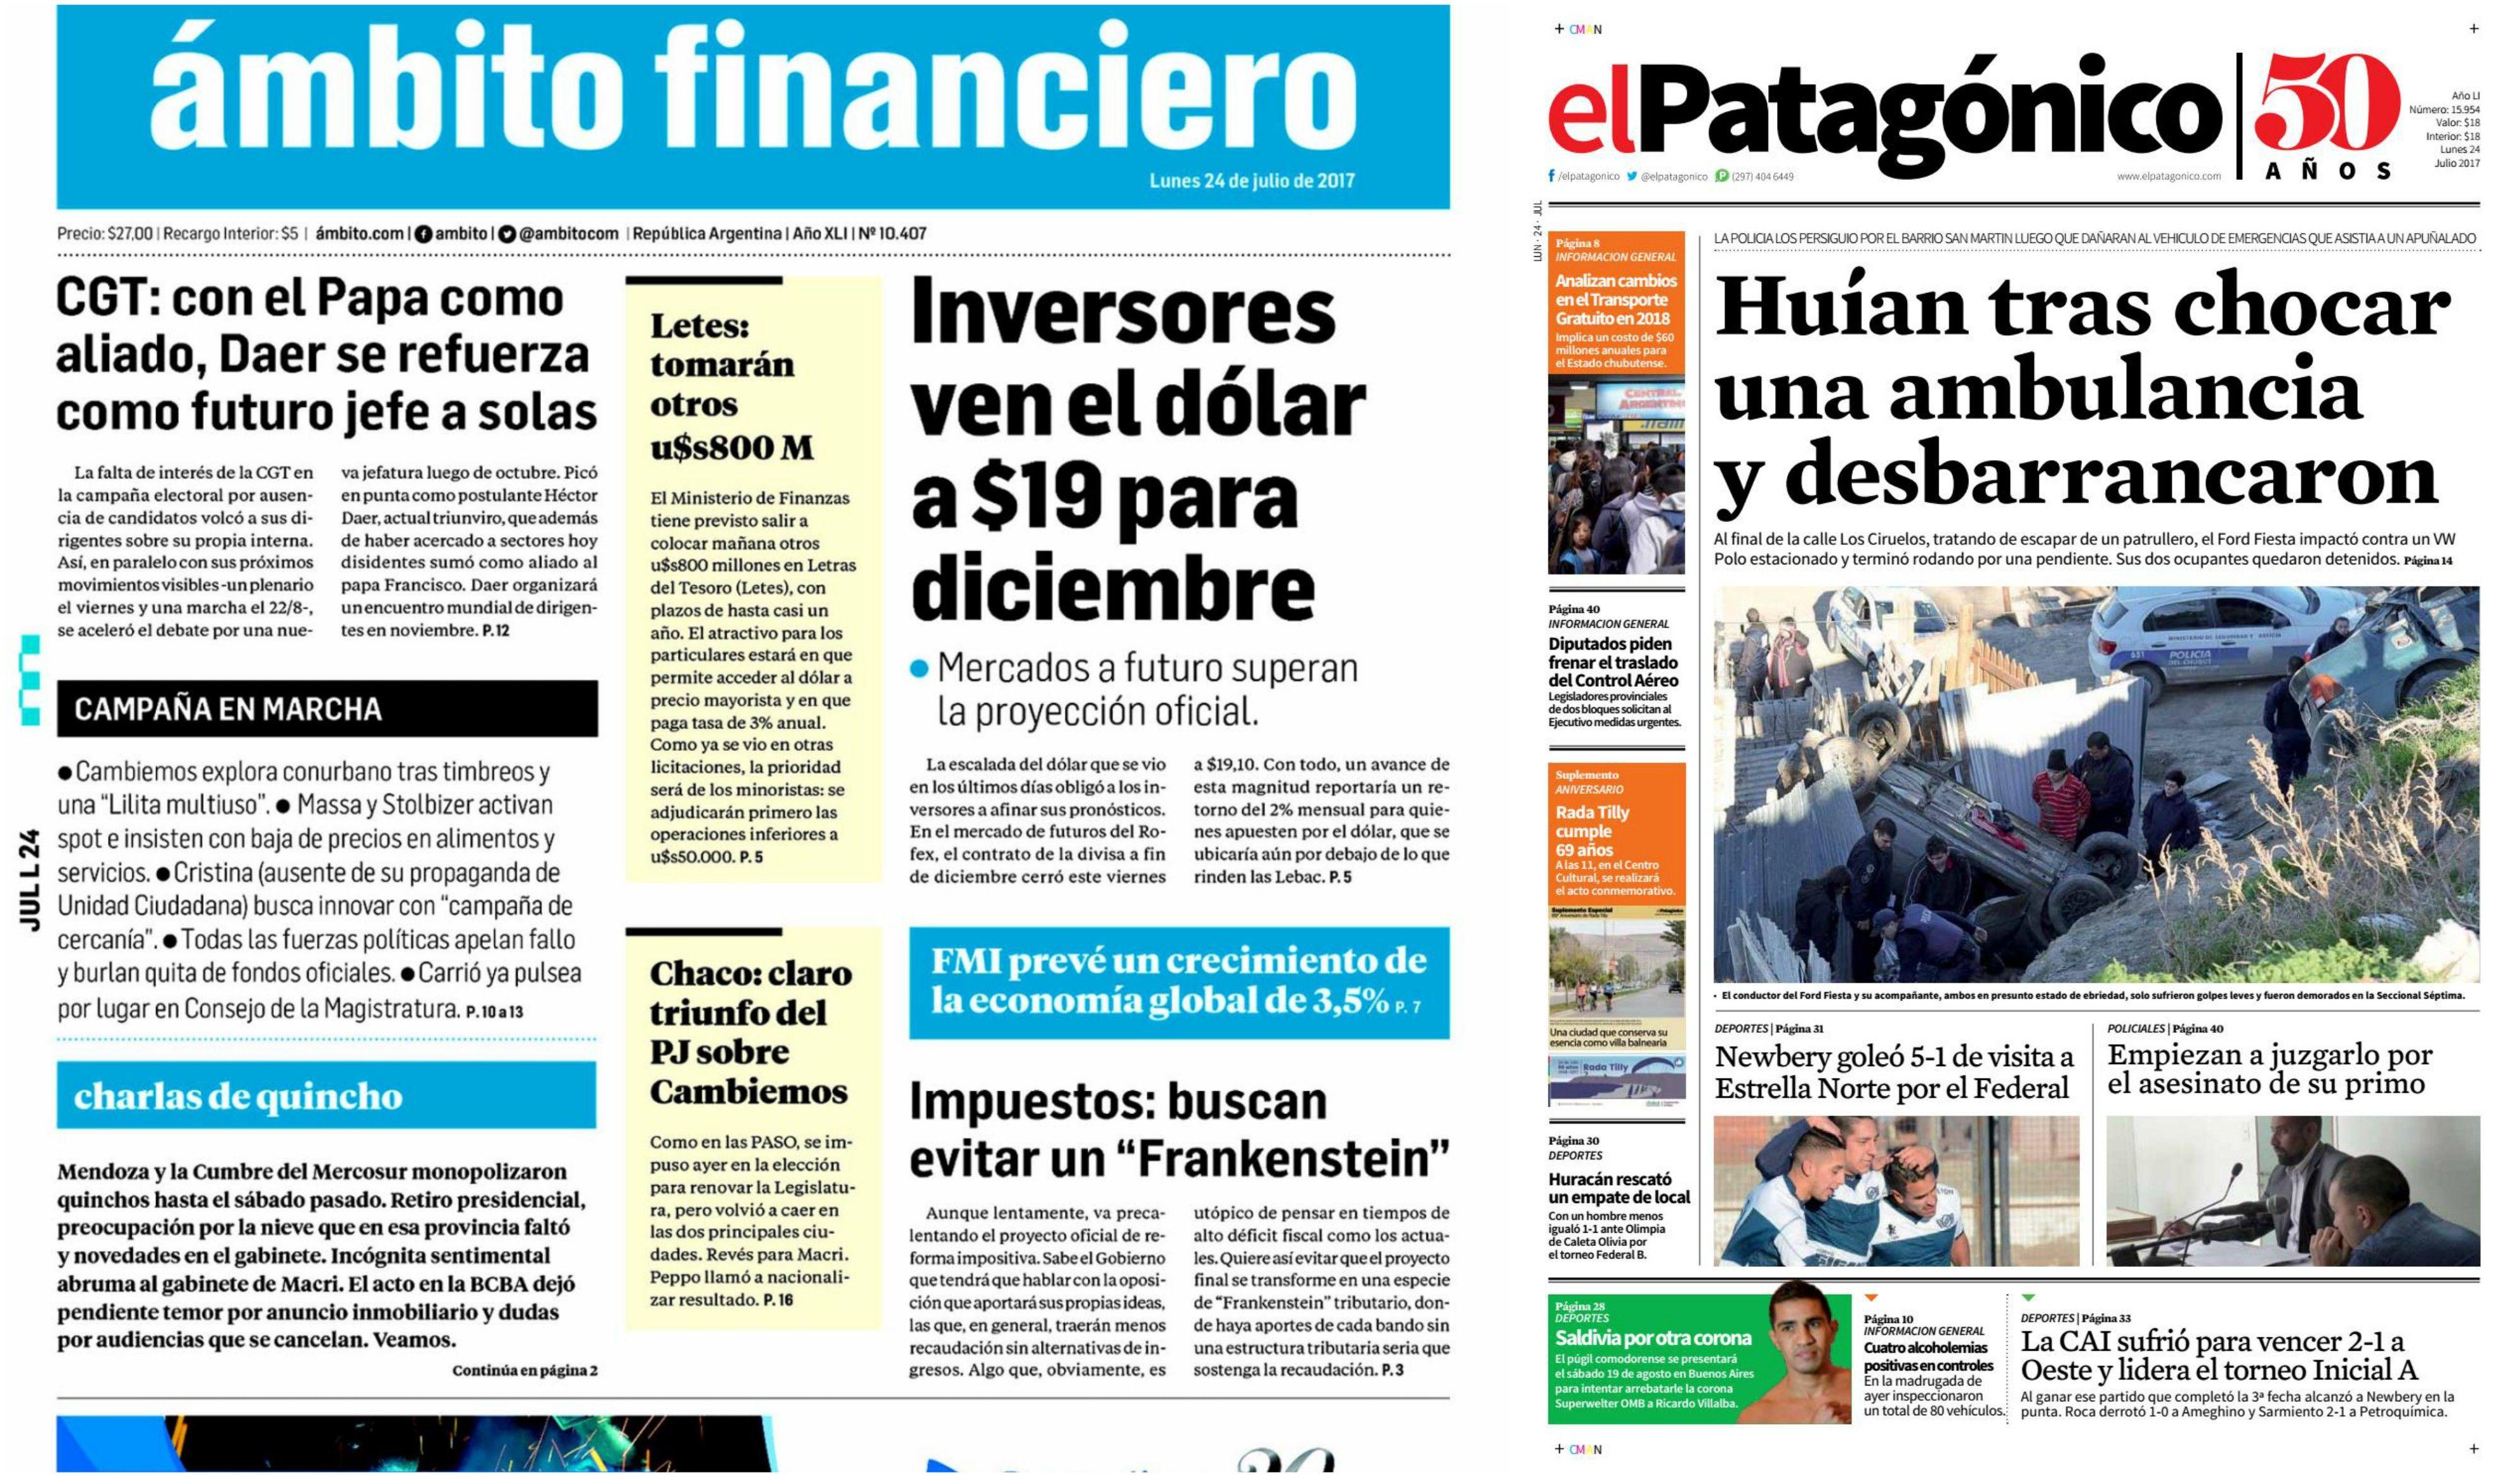 Tapas de diarios del lunes 24 de julio de 2017